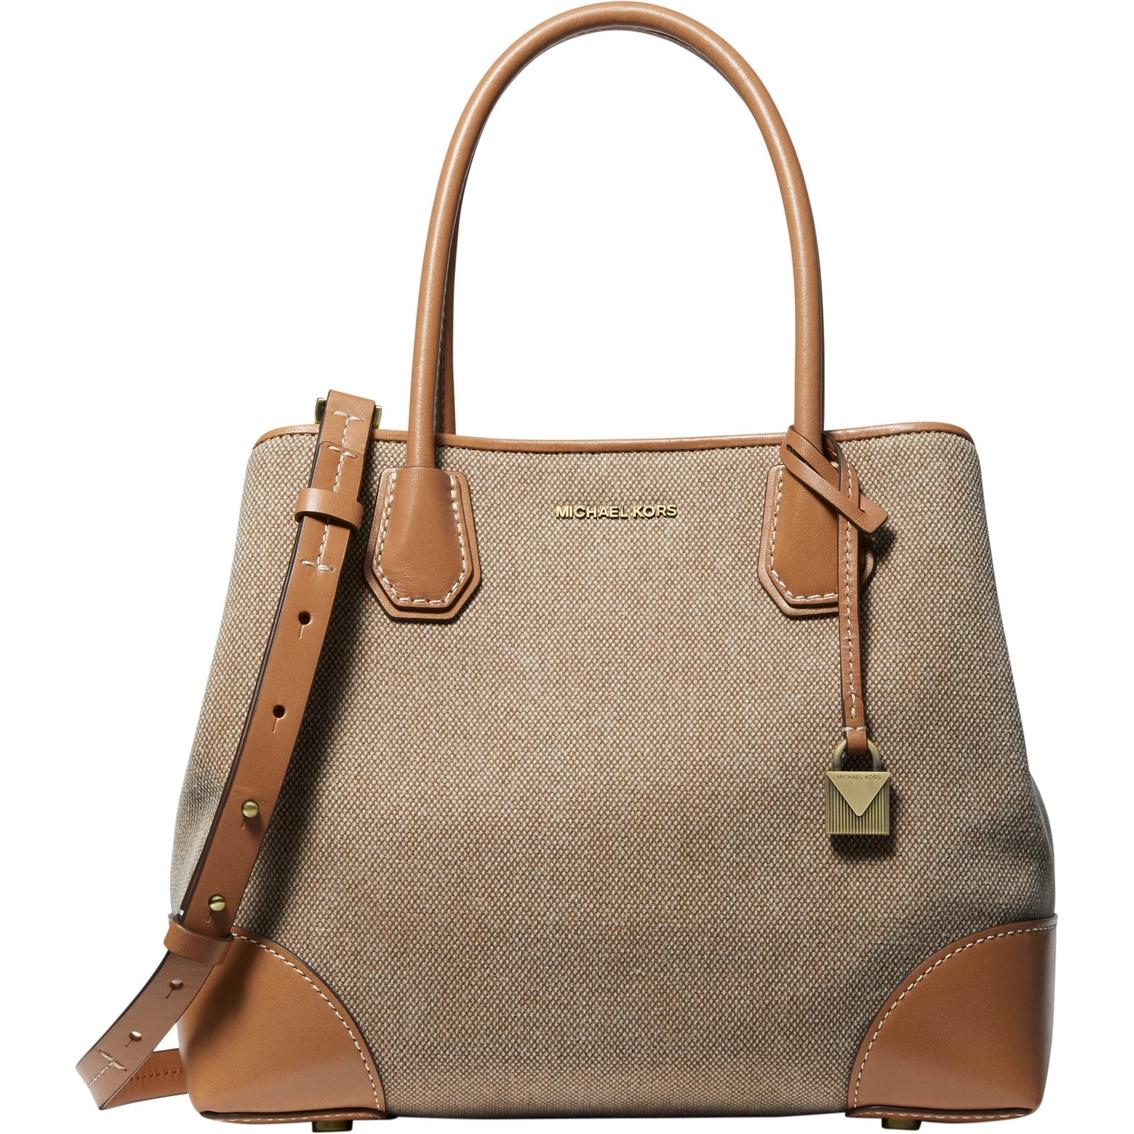 d2b514a485a6 Michael Kors Mercer Canvas Tote   Totes & Shoppers   Handbags ...